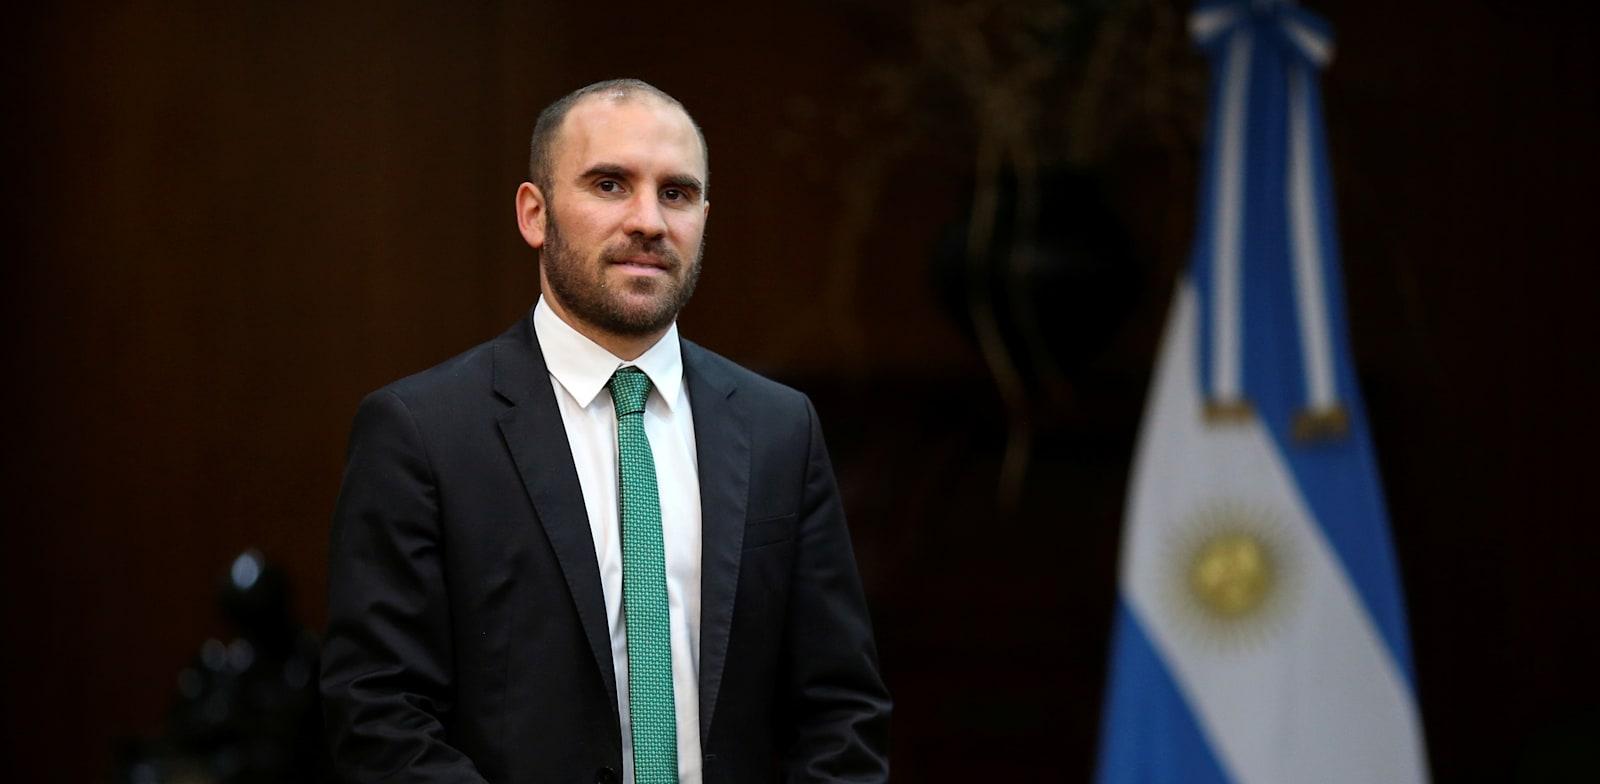 שר האוצר של ארגנטינה מרטין גוזמן / צילום: Reuters, Agustin Marcarian